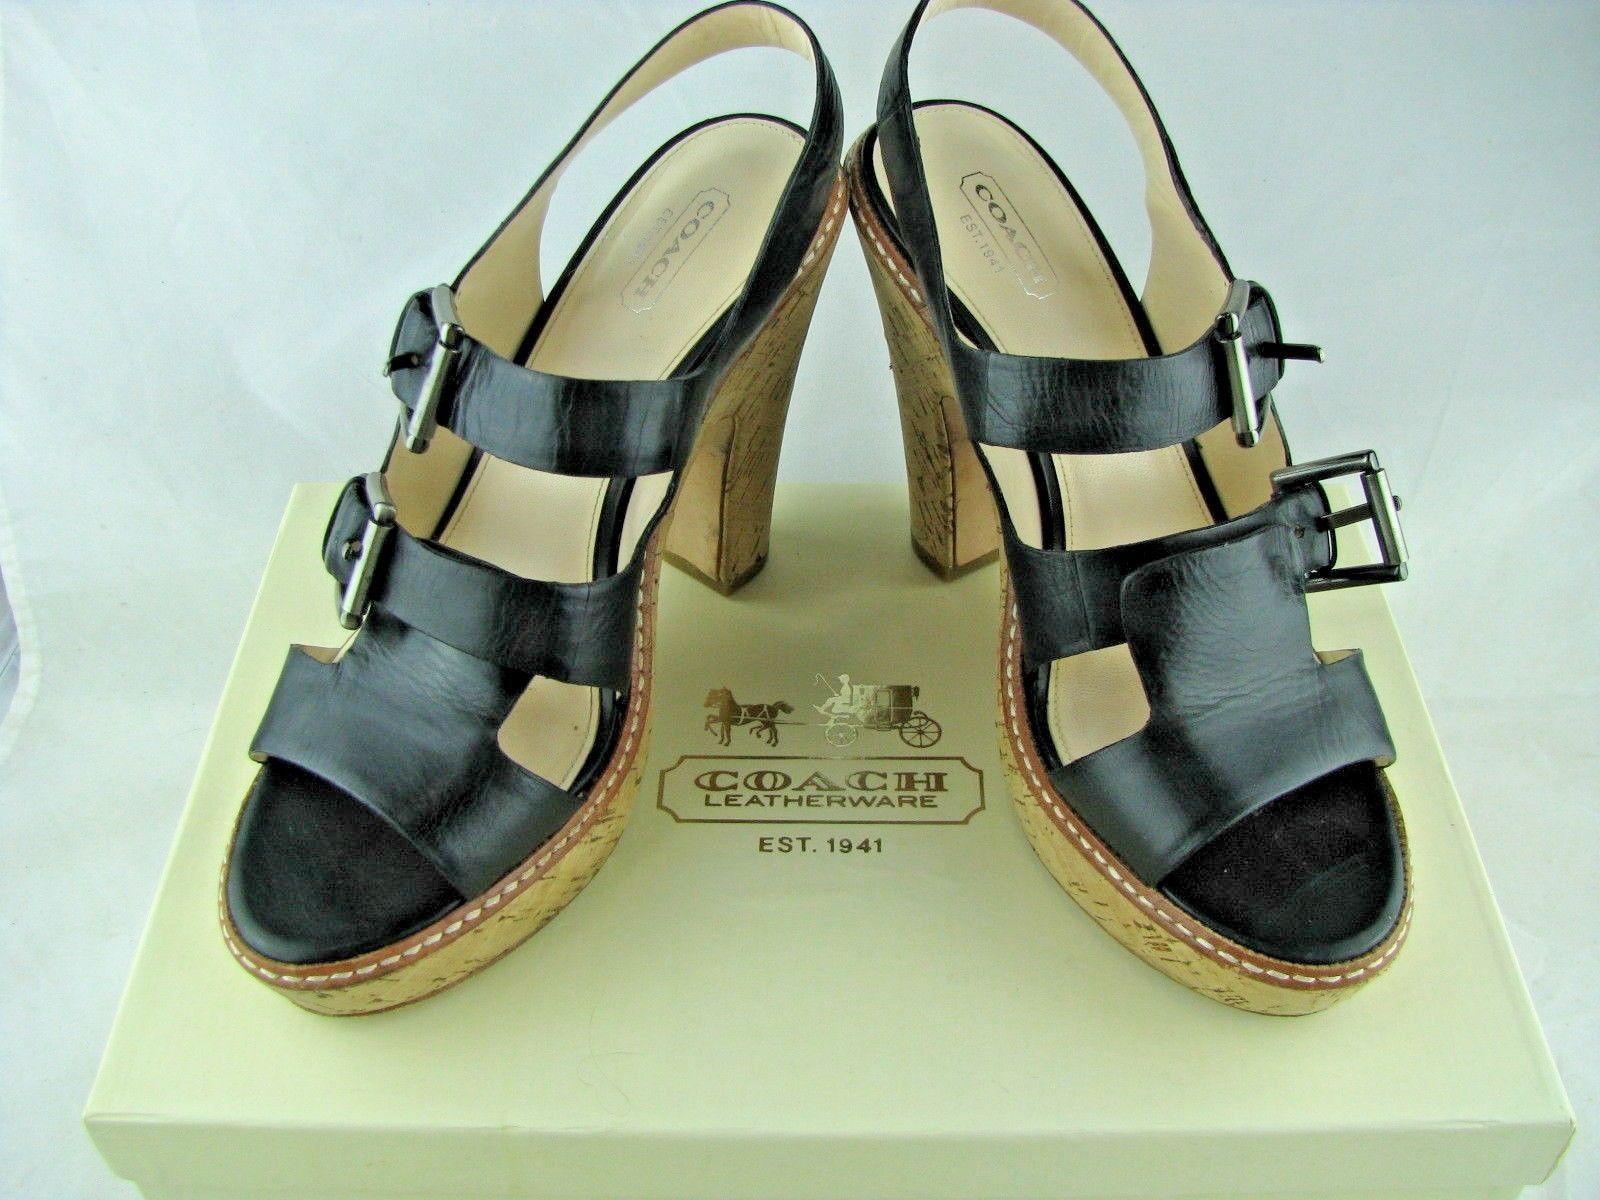 70d1b065fc Coach Katee Calf Leather Platform Heel and 50 similar items. 57